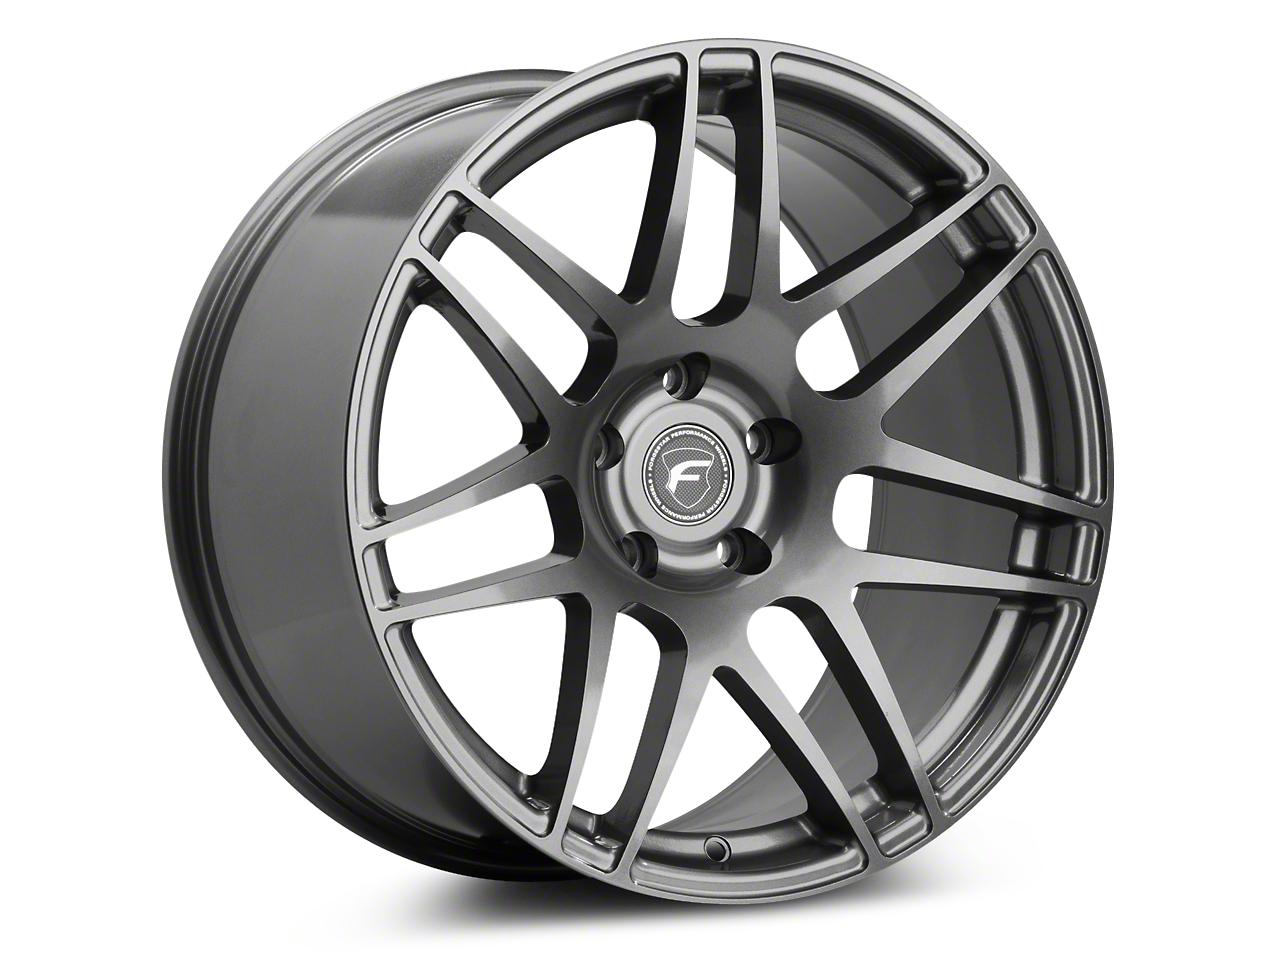 Forgestar F14 Drag Edition Gunmetal Wheel - 15x3.75 (05-10 GT, V6)